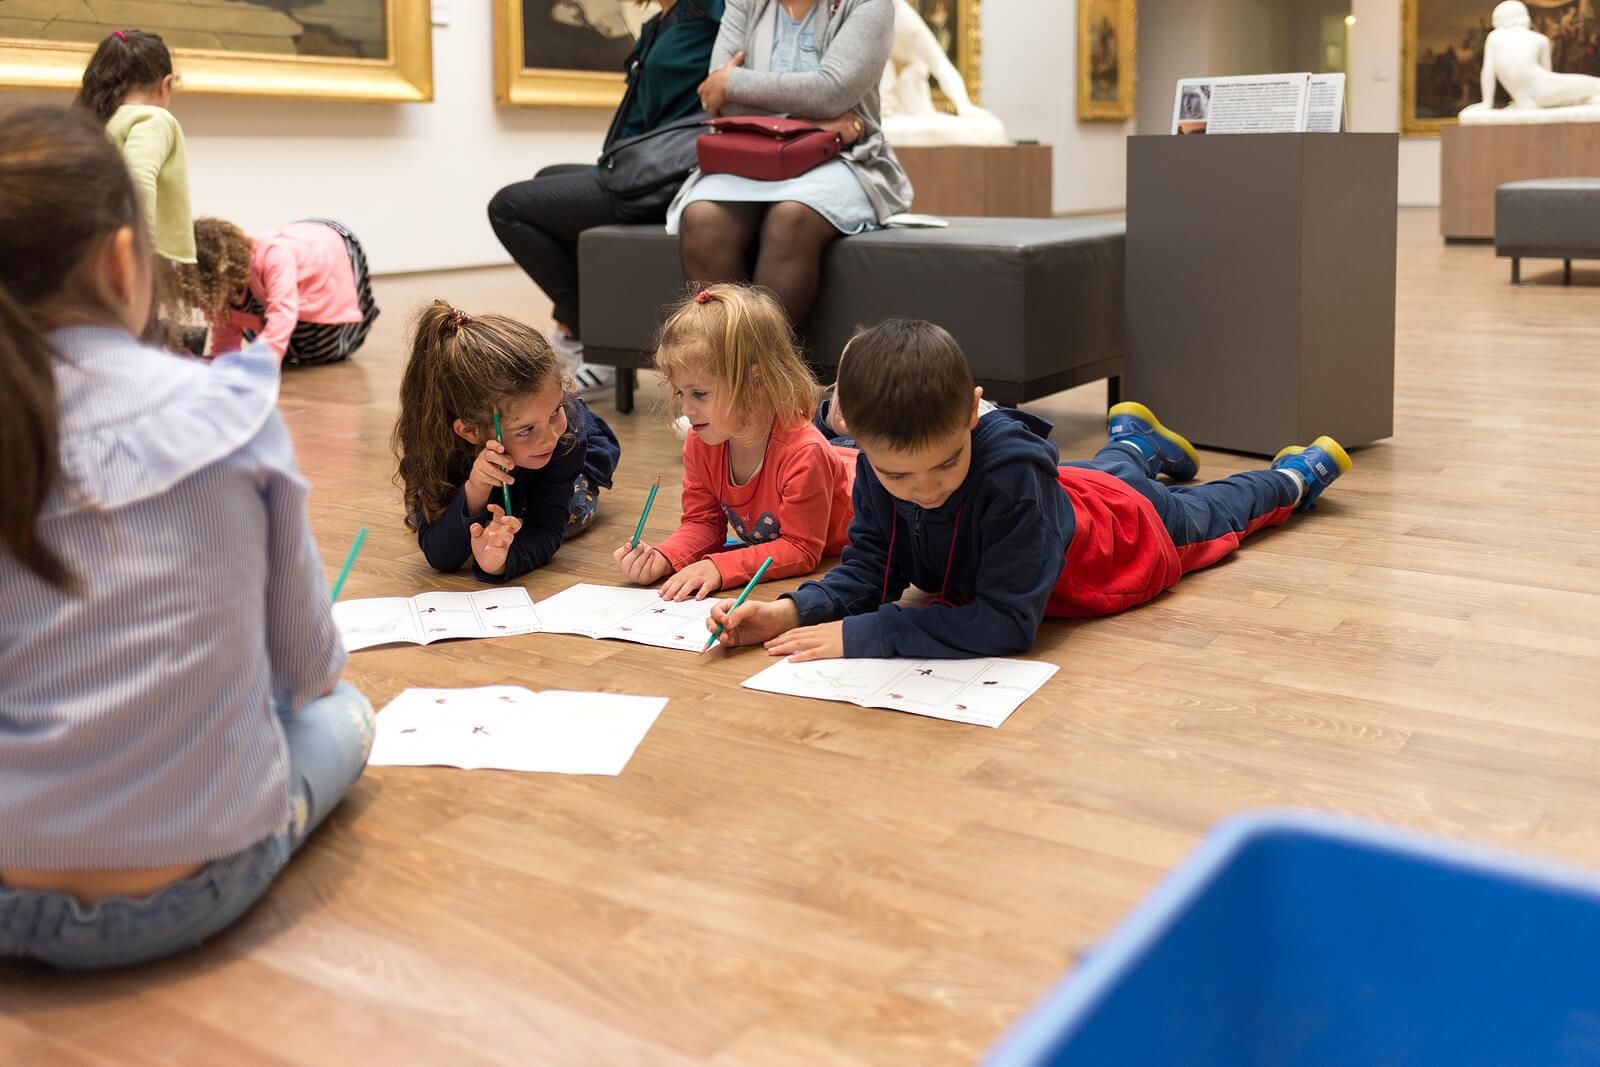 Niños estudiando en un museo gracias al aprendizaje cruzado.